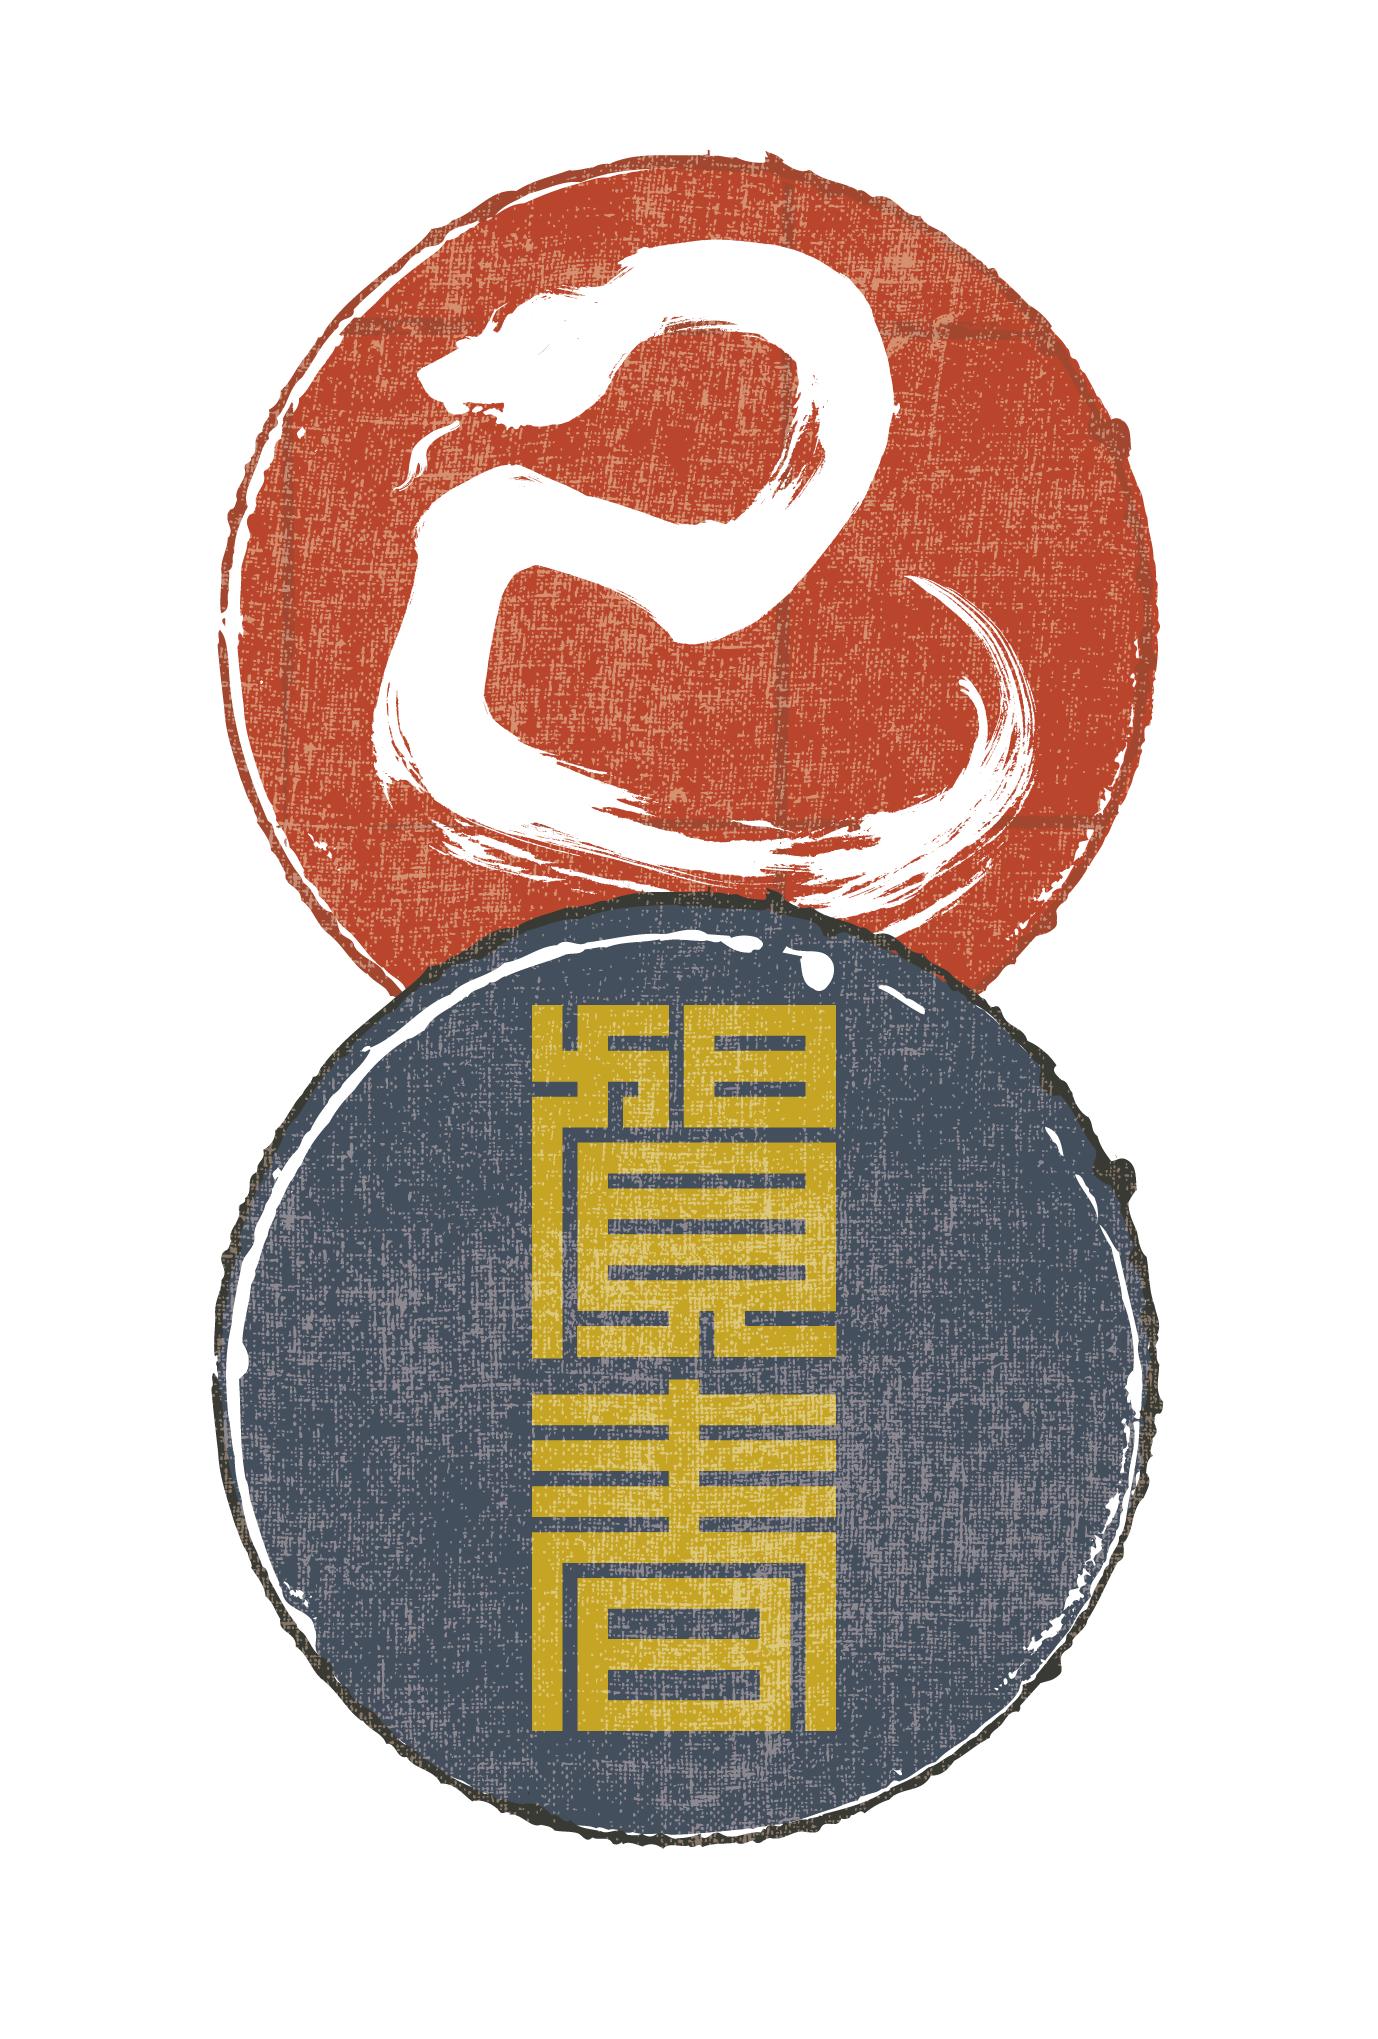 2013年賀状19-1:巳 Calligraphy(賀春)/ 1のダウンロード画像